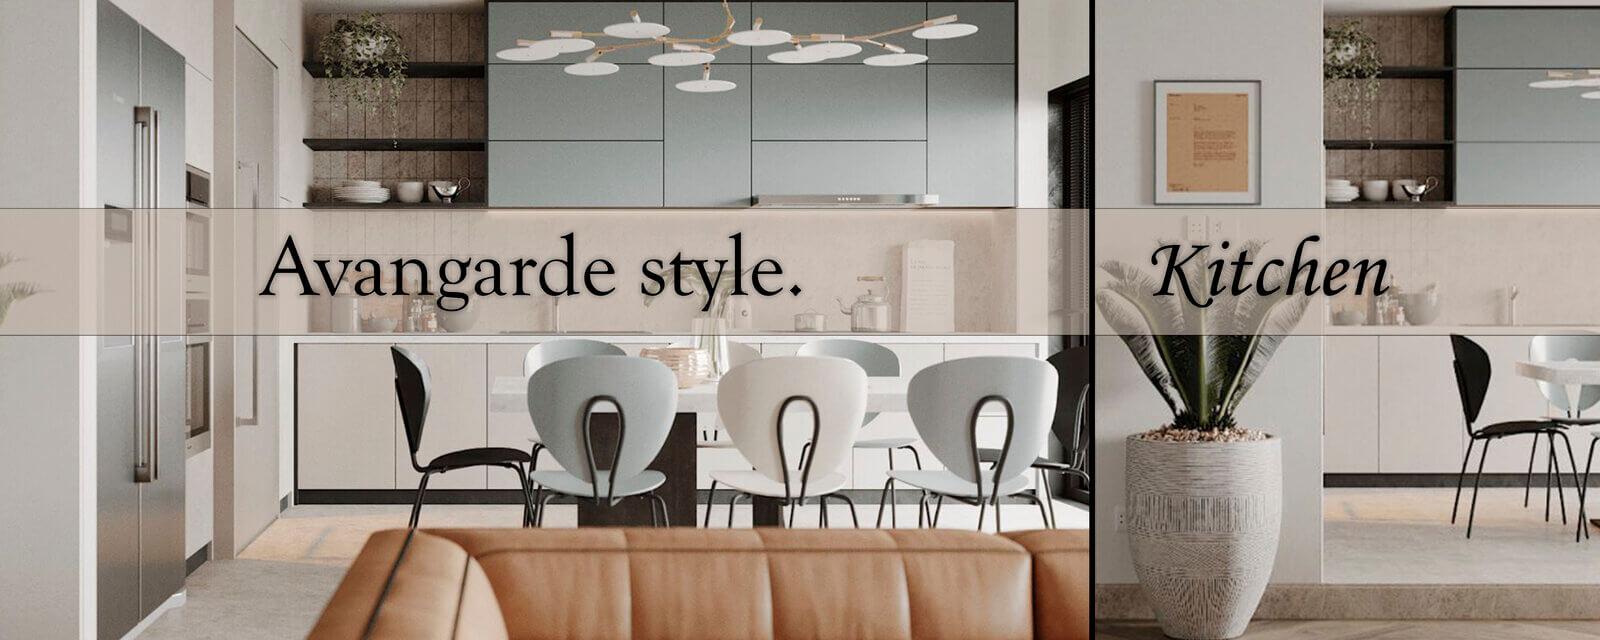 Avangarde Style | Kitchen